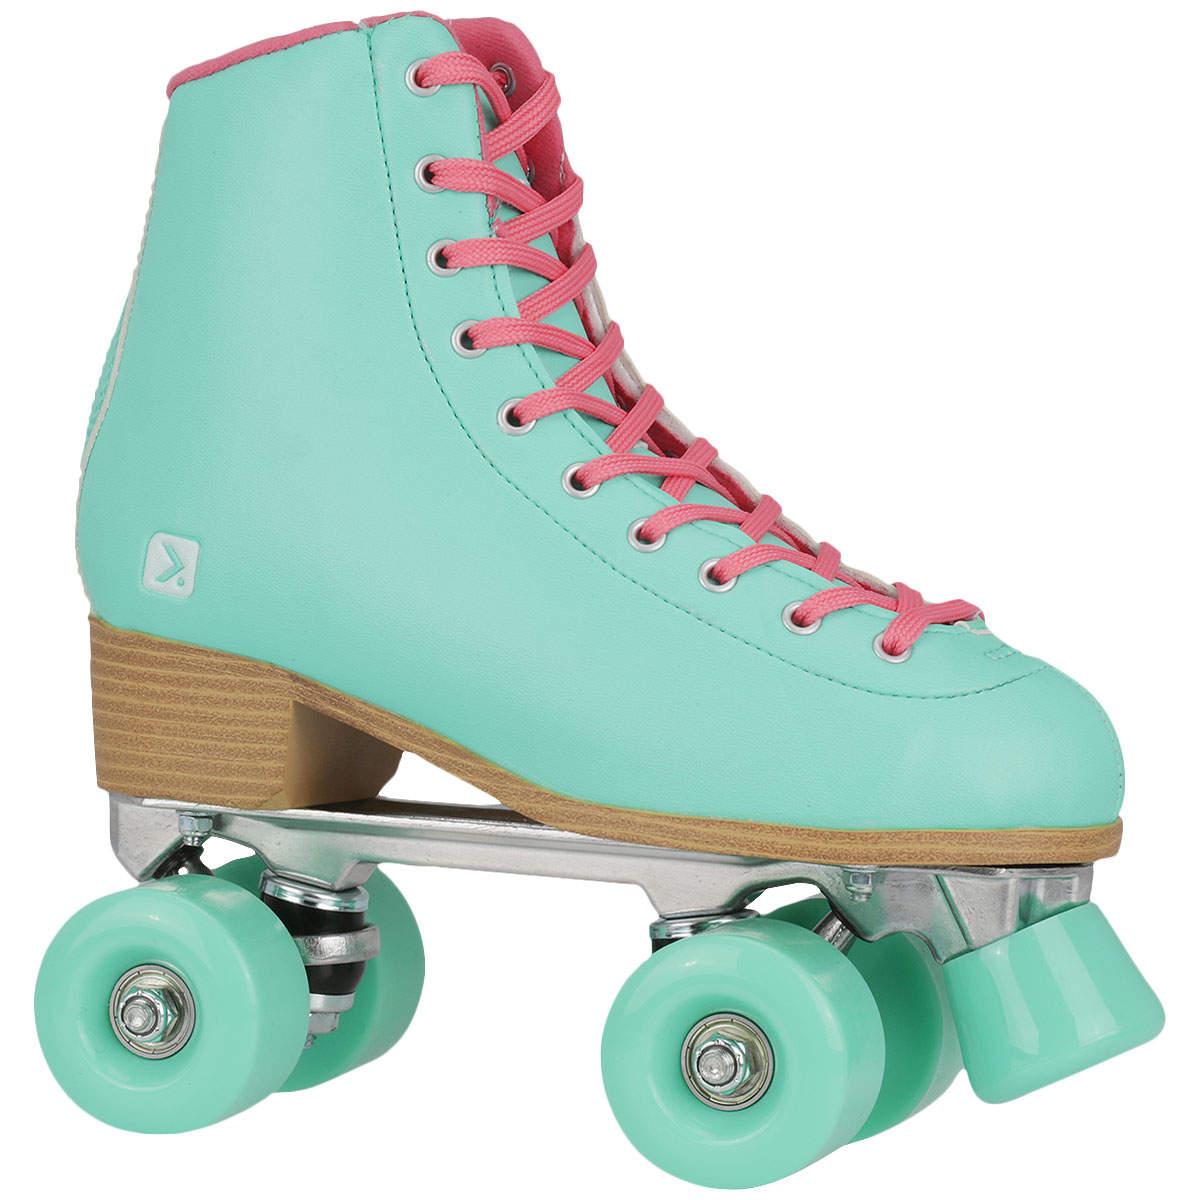 7c9ce5a42f9 Este tipo de patins é para Jam Skate e lazer. Base que aguenta o tranco e  com freios com regulagem de altura. Rodas para madeira e cimento. Média de  preços ...